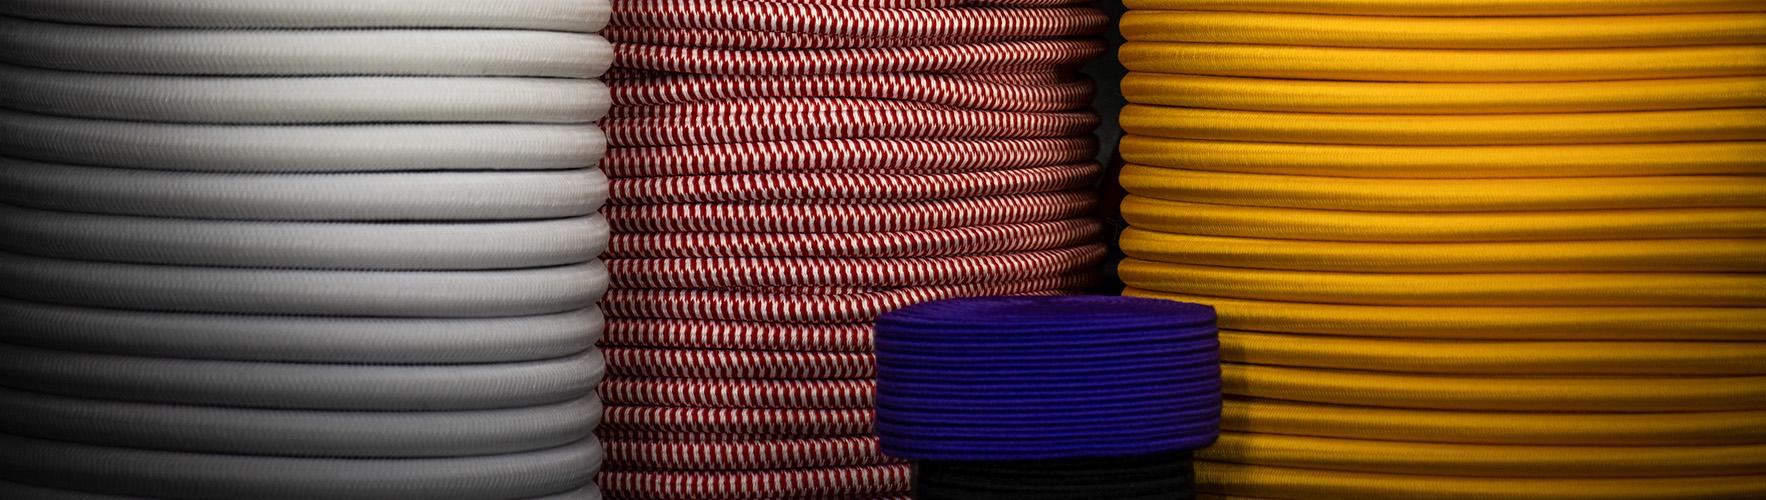 Câbles élastiques et sandows